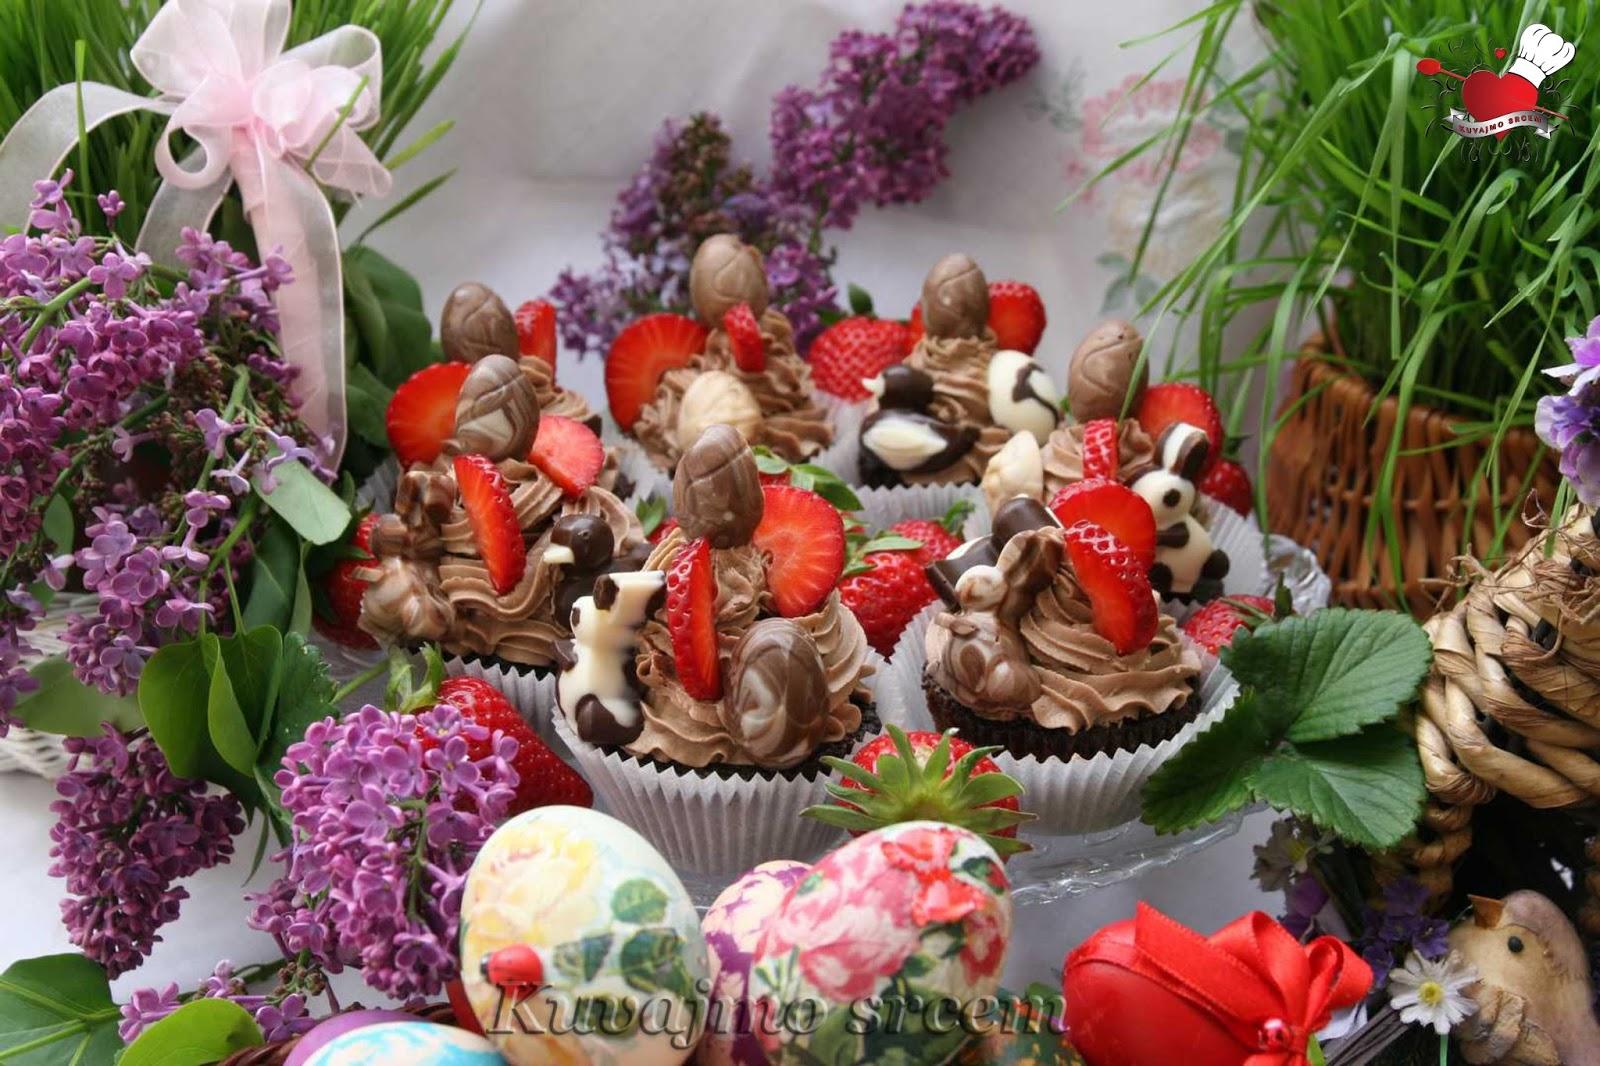 Uskršnji čokoladni mafini sa jagodama